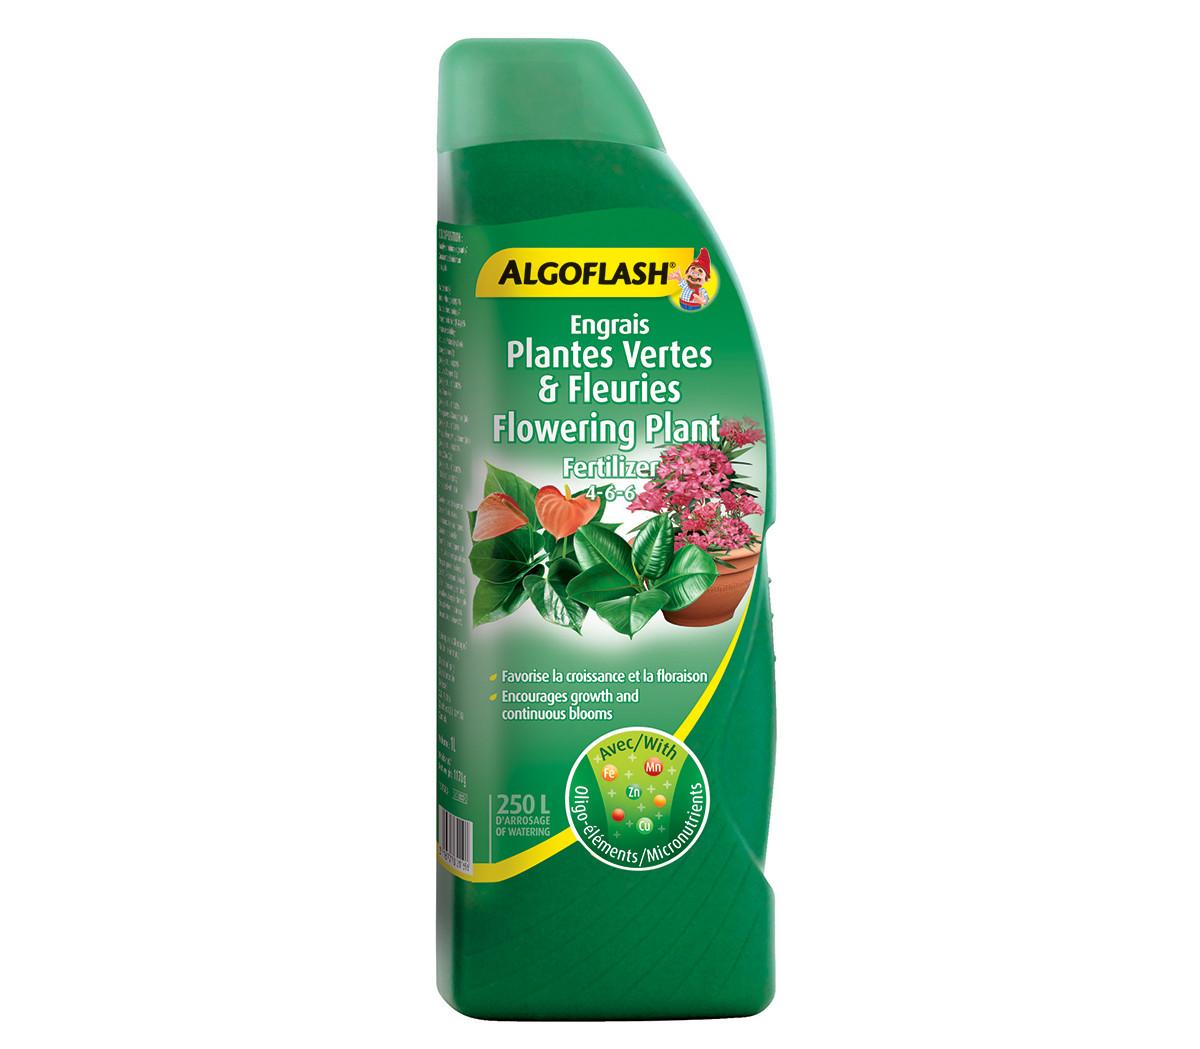 Engrais plantes vertes fleuries 4 6 6 1 l floralies jouvence - Engrais plante verte ...